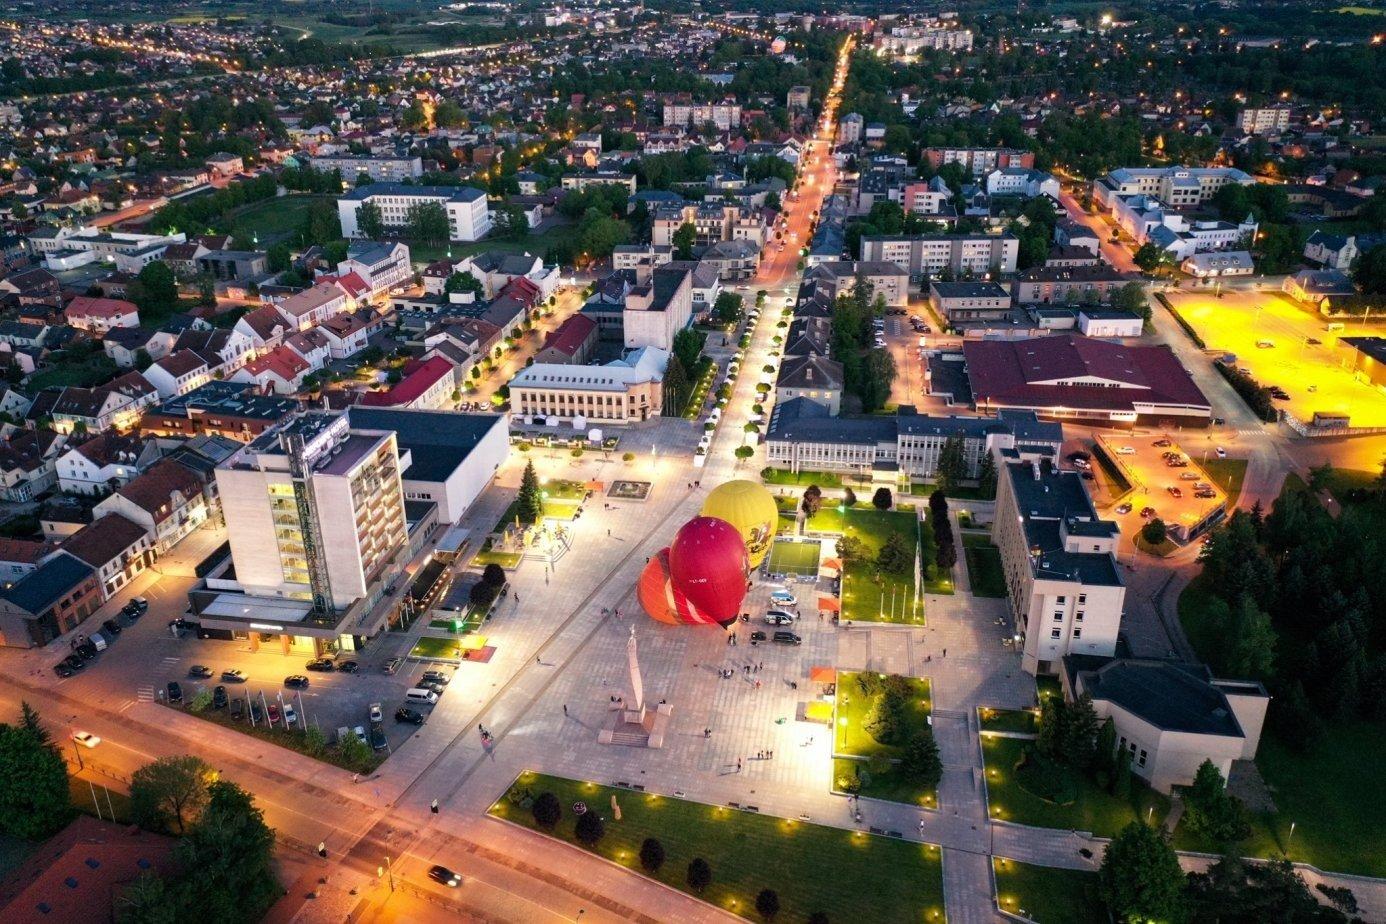 """""""Cukrinį festivalį 2021"""" Marijampolė  šventė su oro balionais, koncertais, susitikimais ir aktyviais laisvalaikio renginiais"""